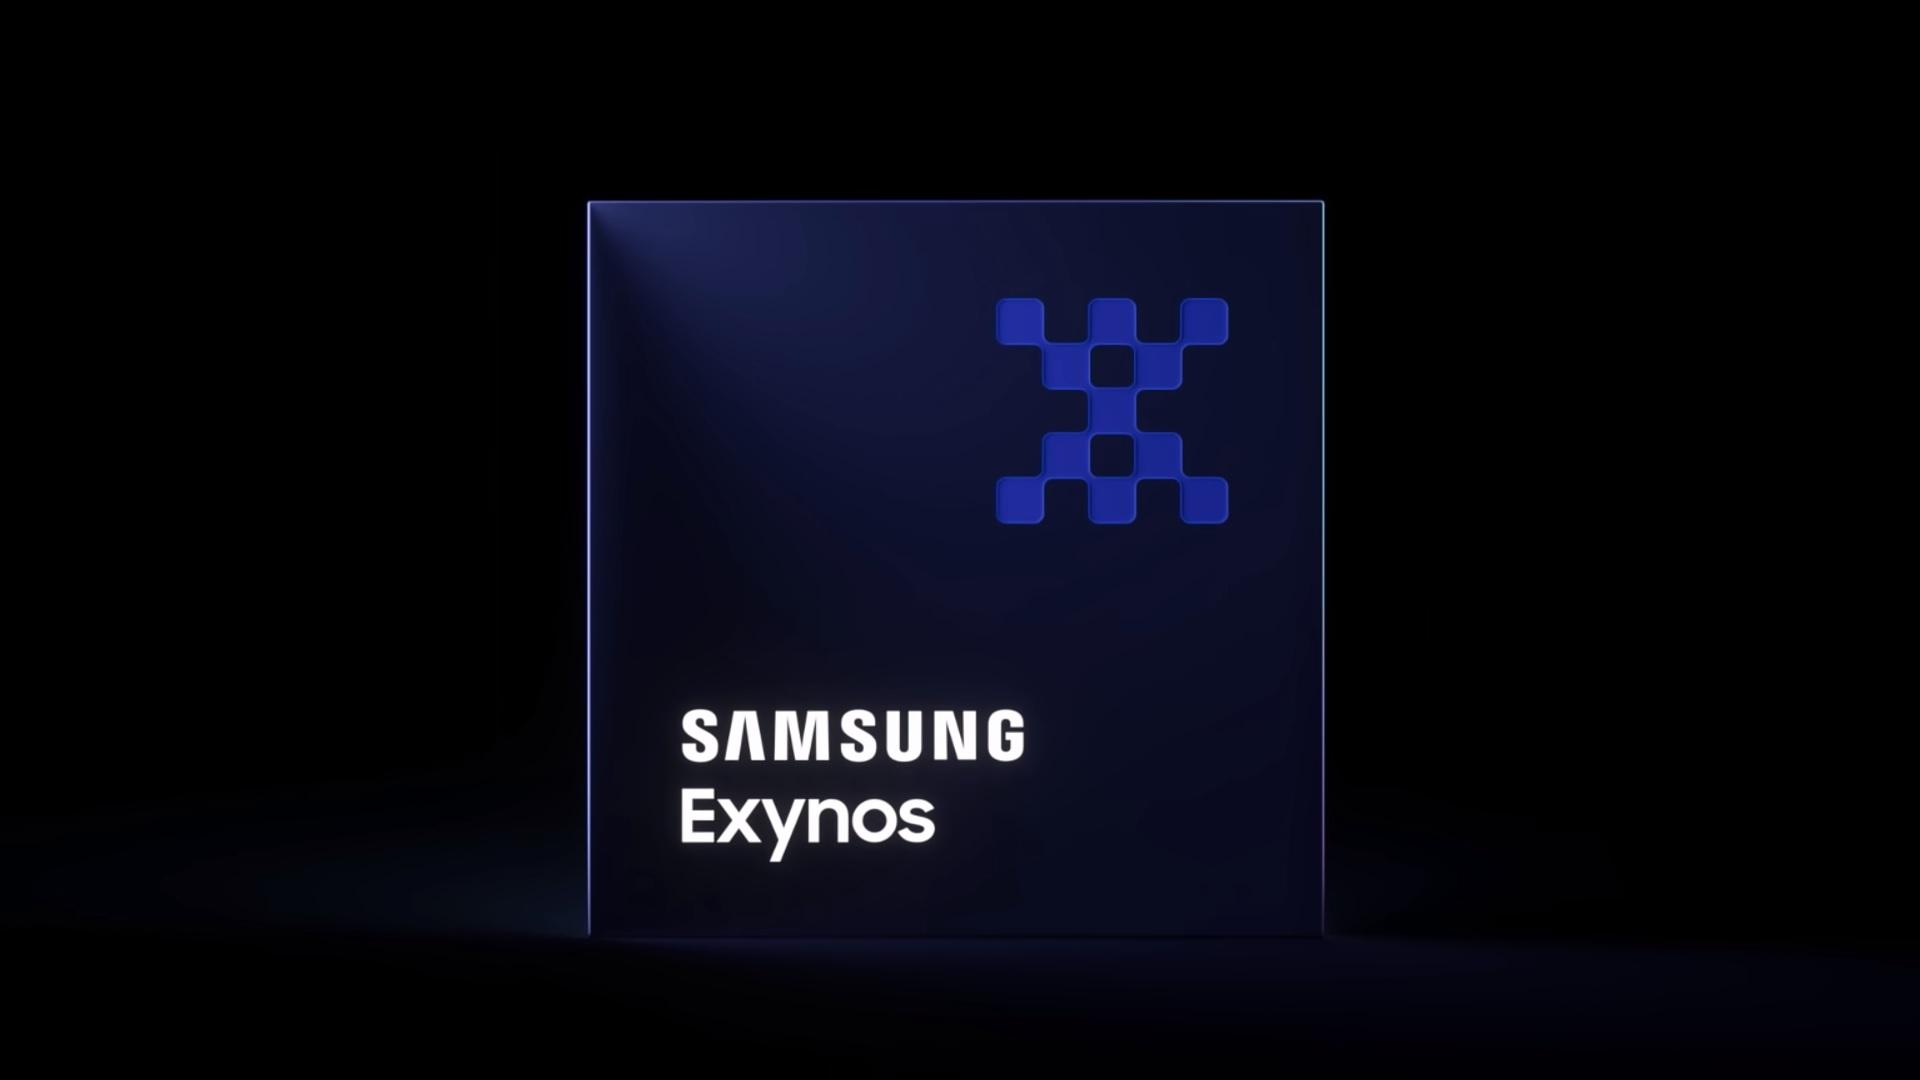 procesor Samsung Exynos z grafiką AMD